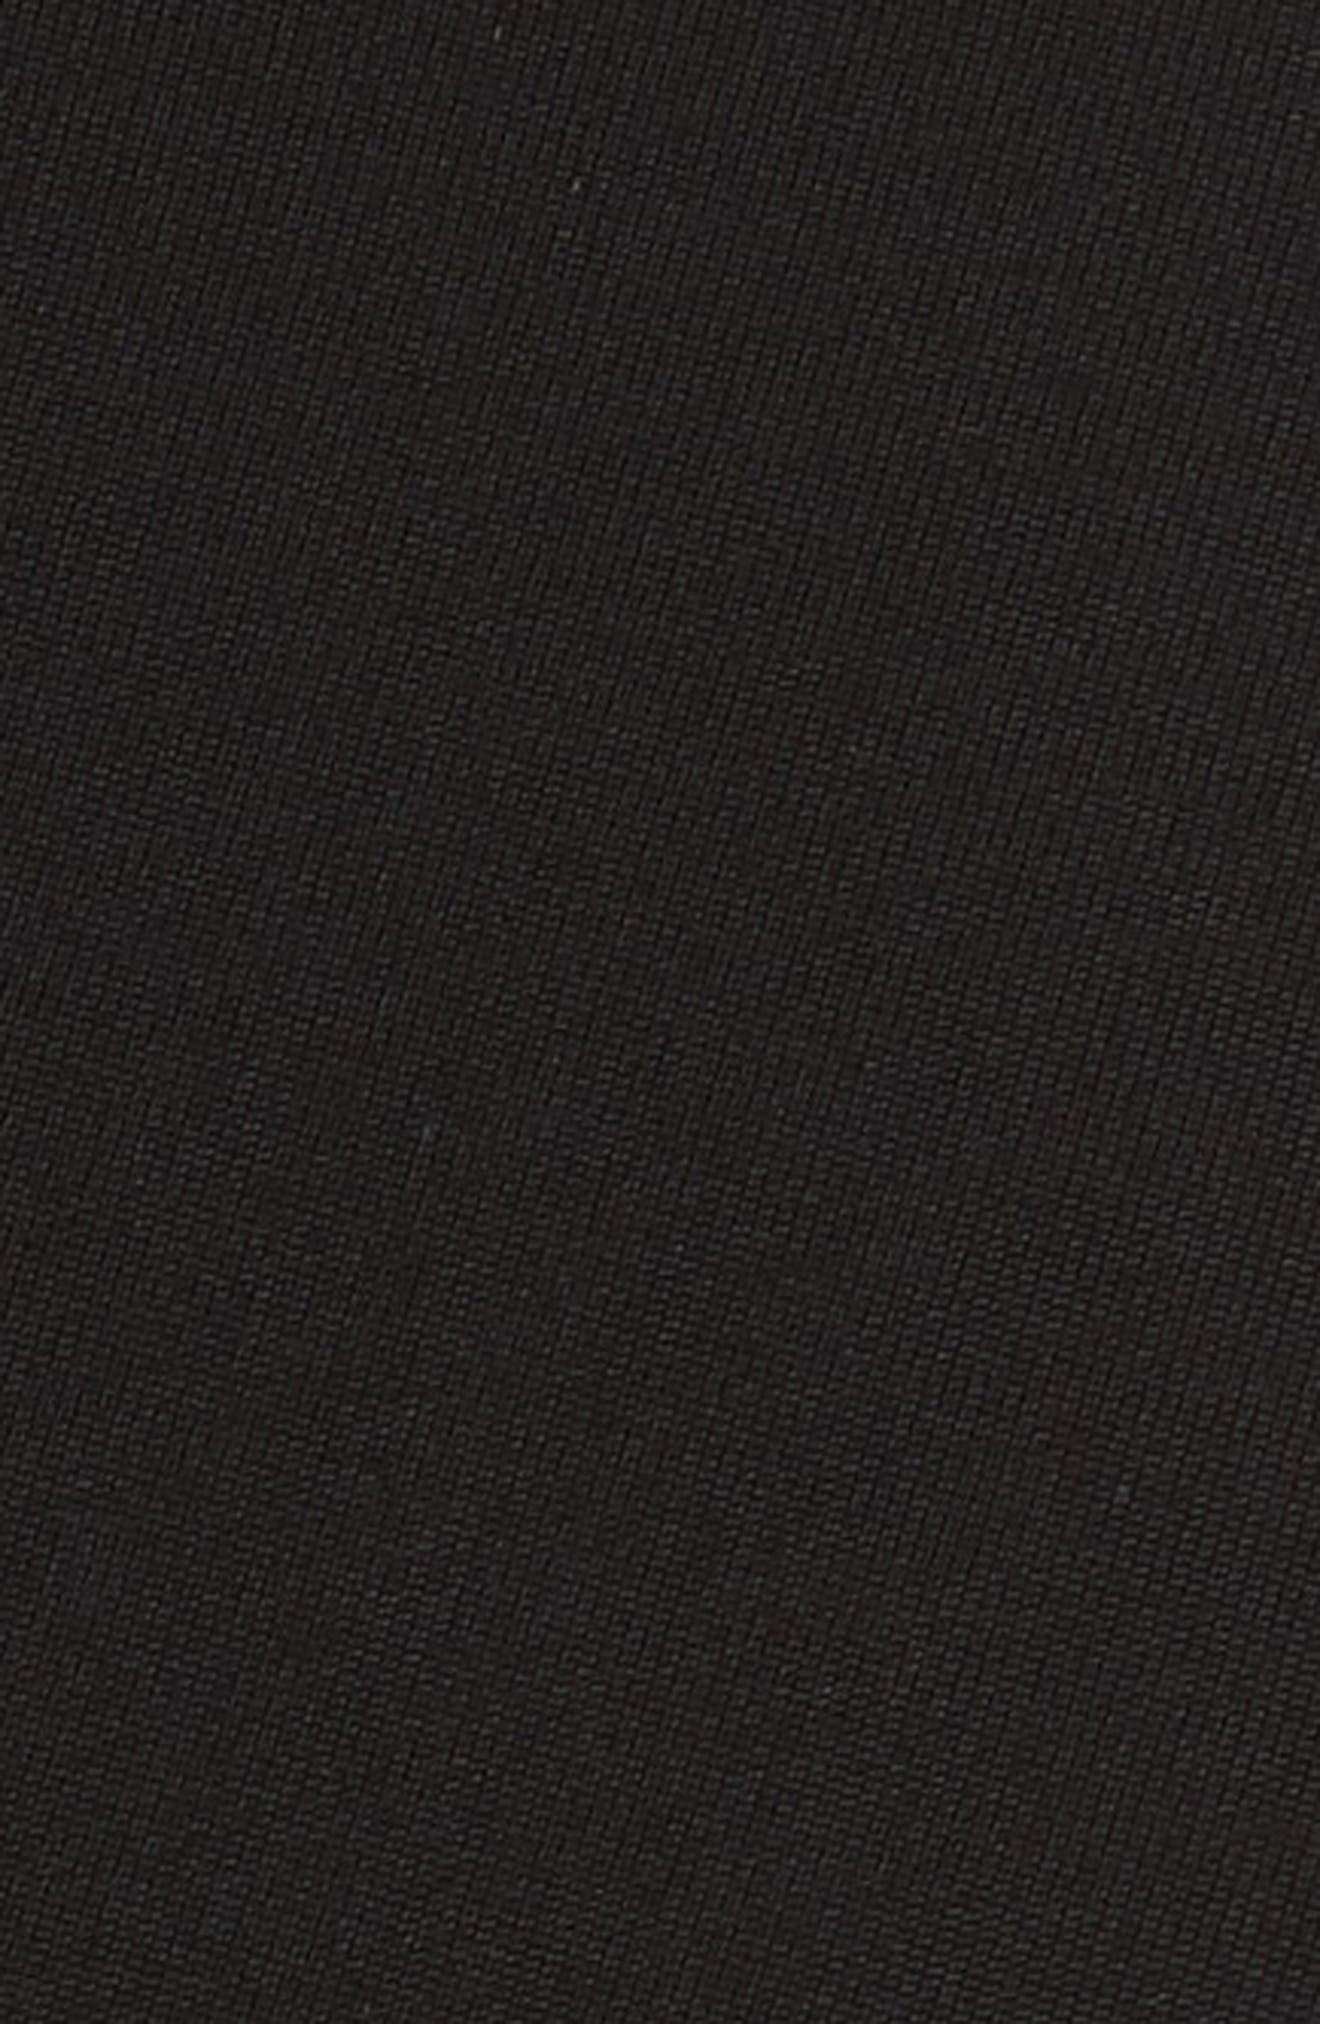 Bending Skirt Wool Dress,                             Alternate thumbnail 5, color,                             001